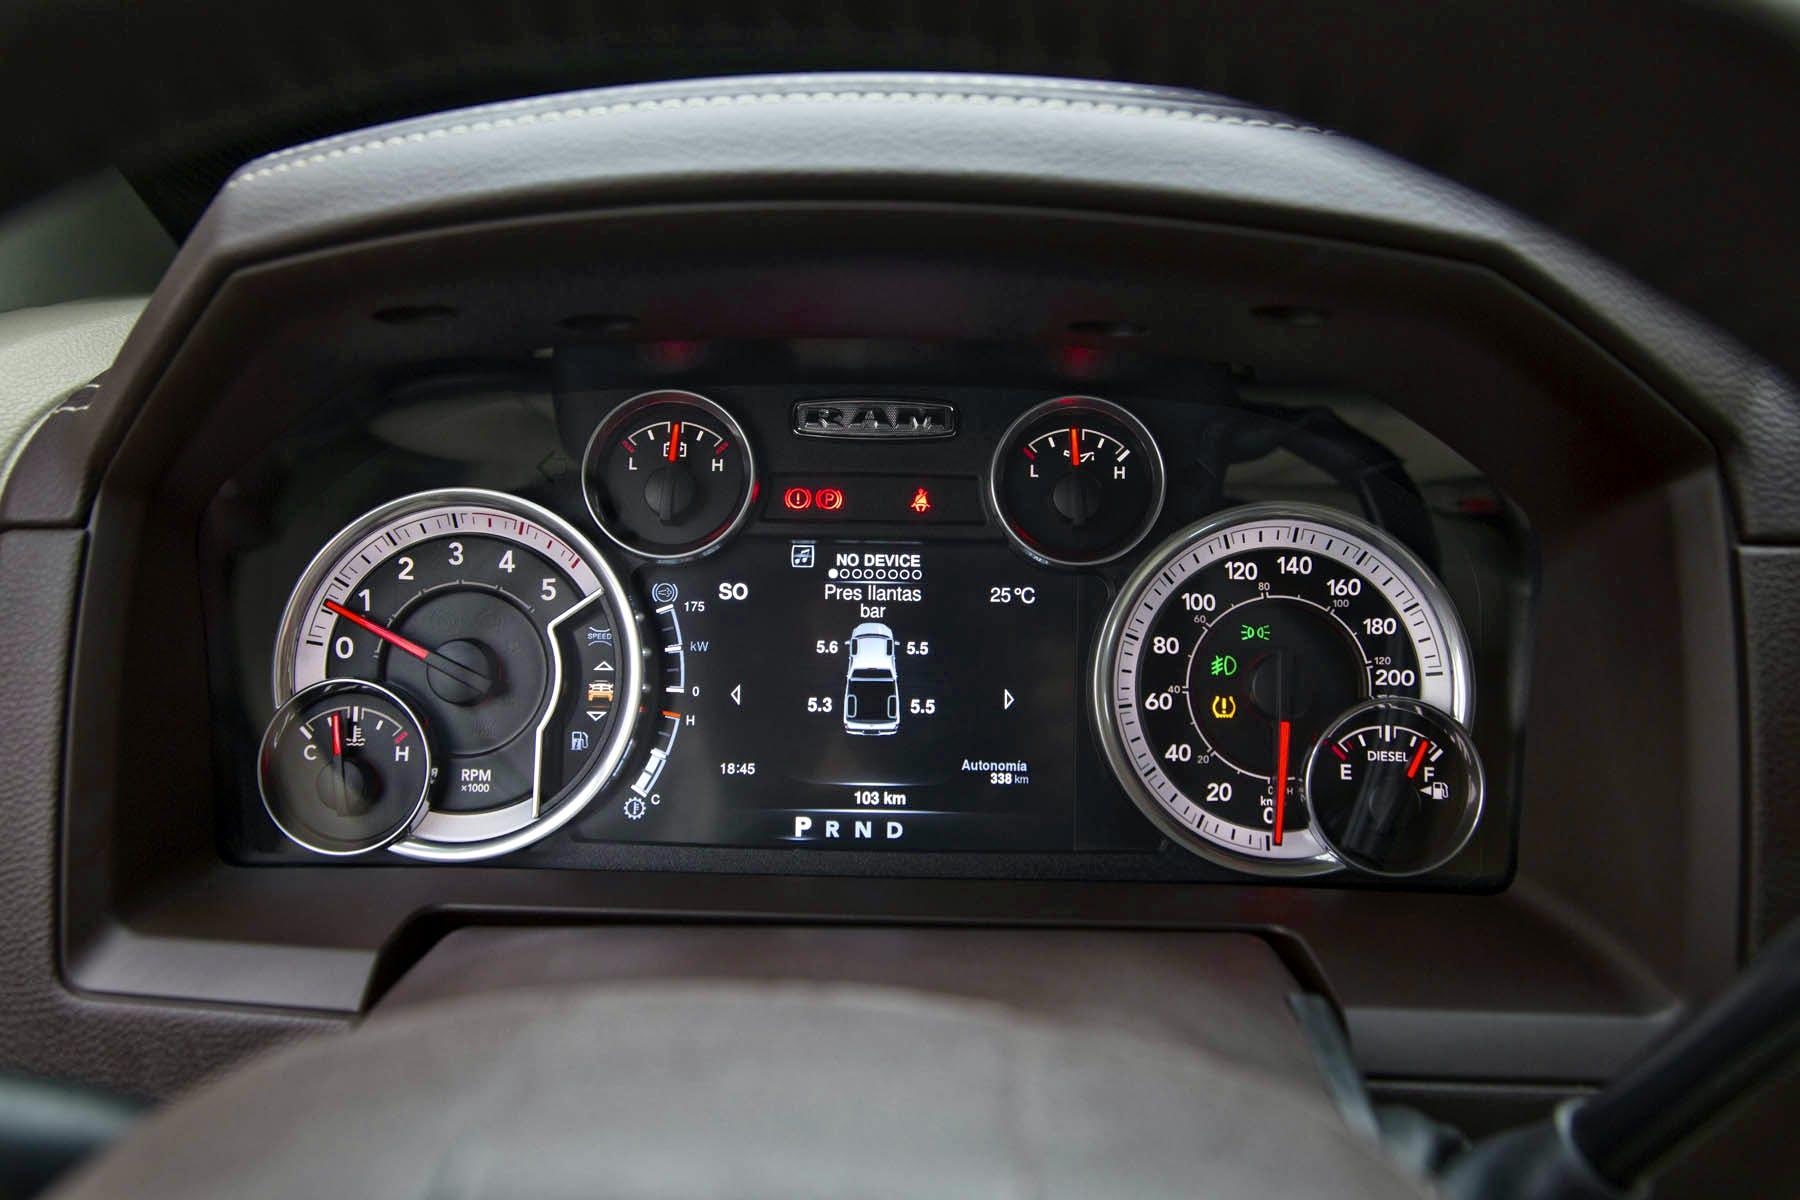 Volante aquecido multifuncional com controle eletrônico de velocidade, de áudio e computador de bordo.